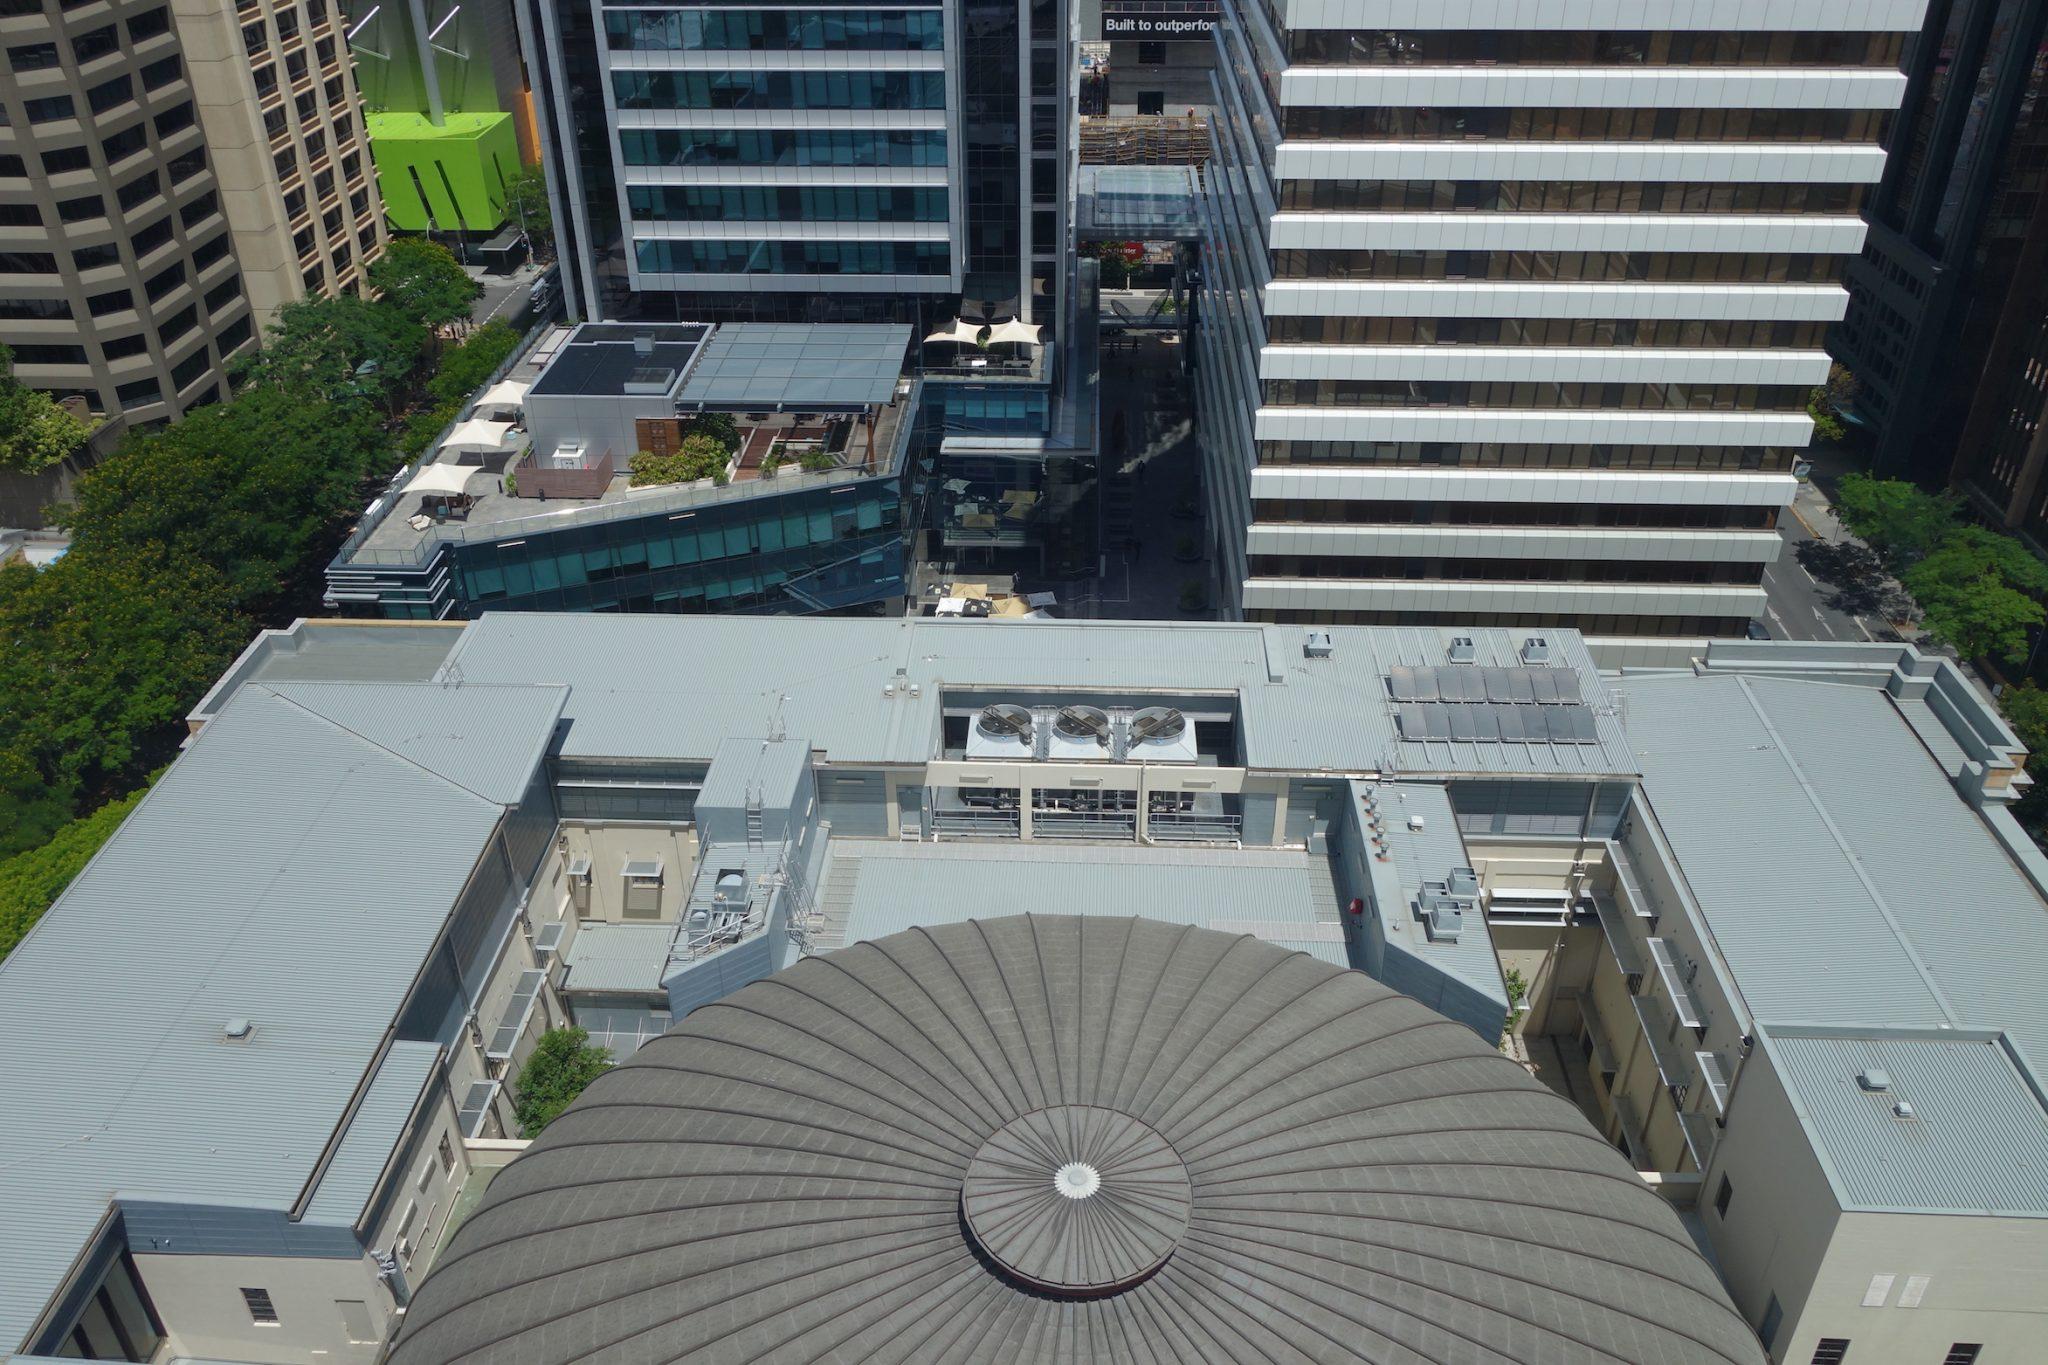 Brisbane_CityHall_4_BlickvomClocktower